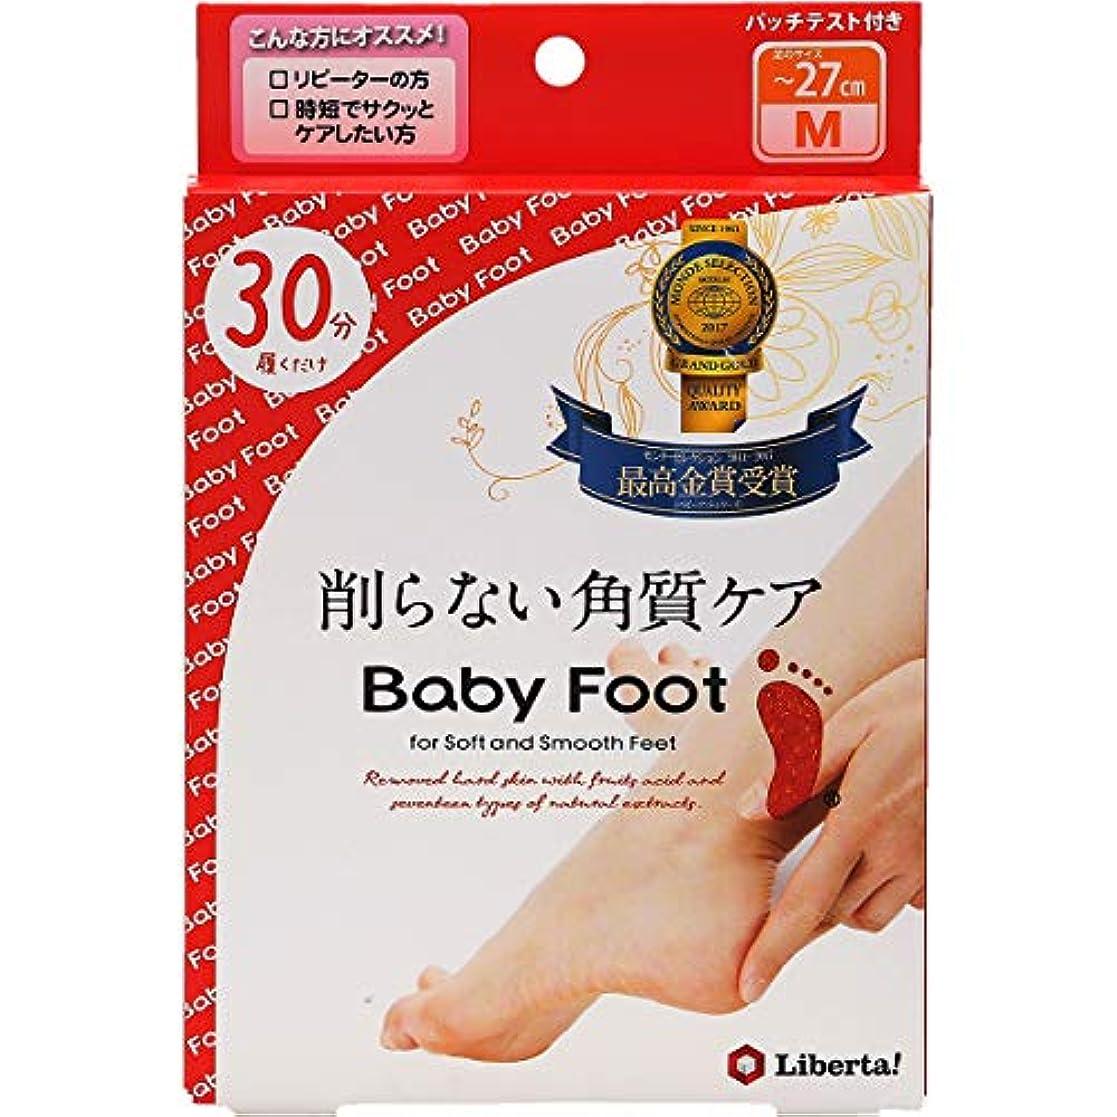 偽善者ウナギ深遠ベビーフット (Baby Foot) ベビーフット イージーパック30分タイプ Mサイズ 単品